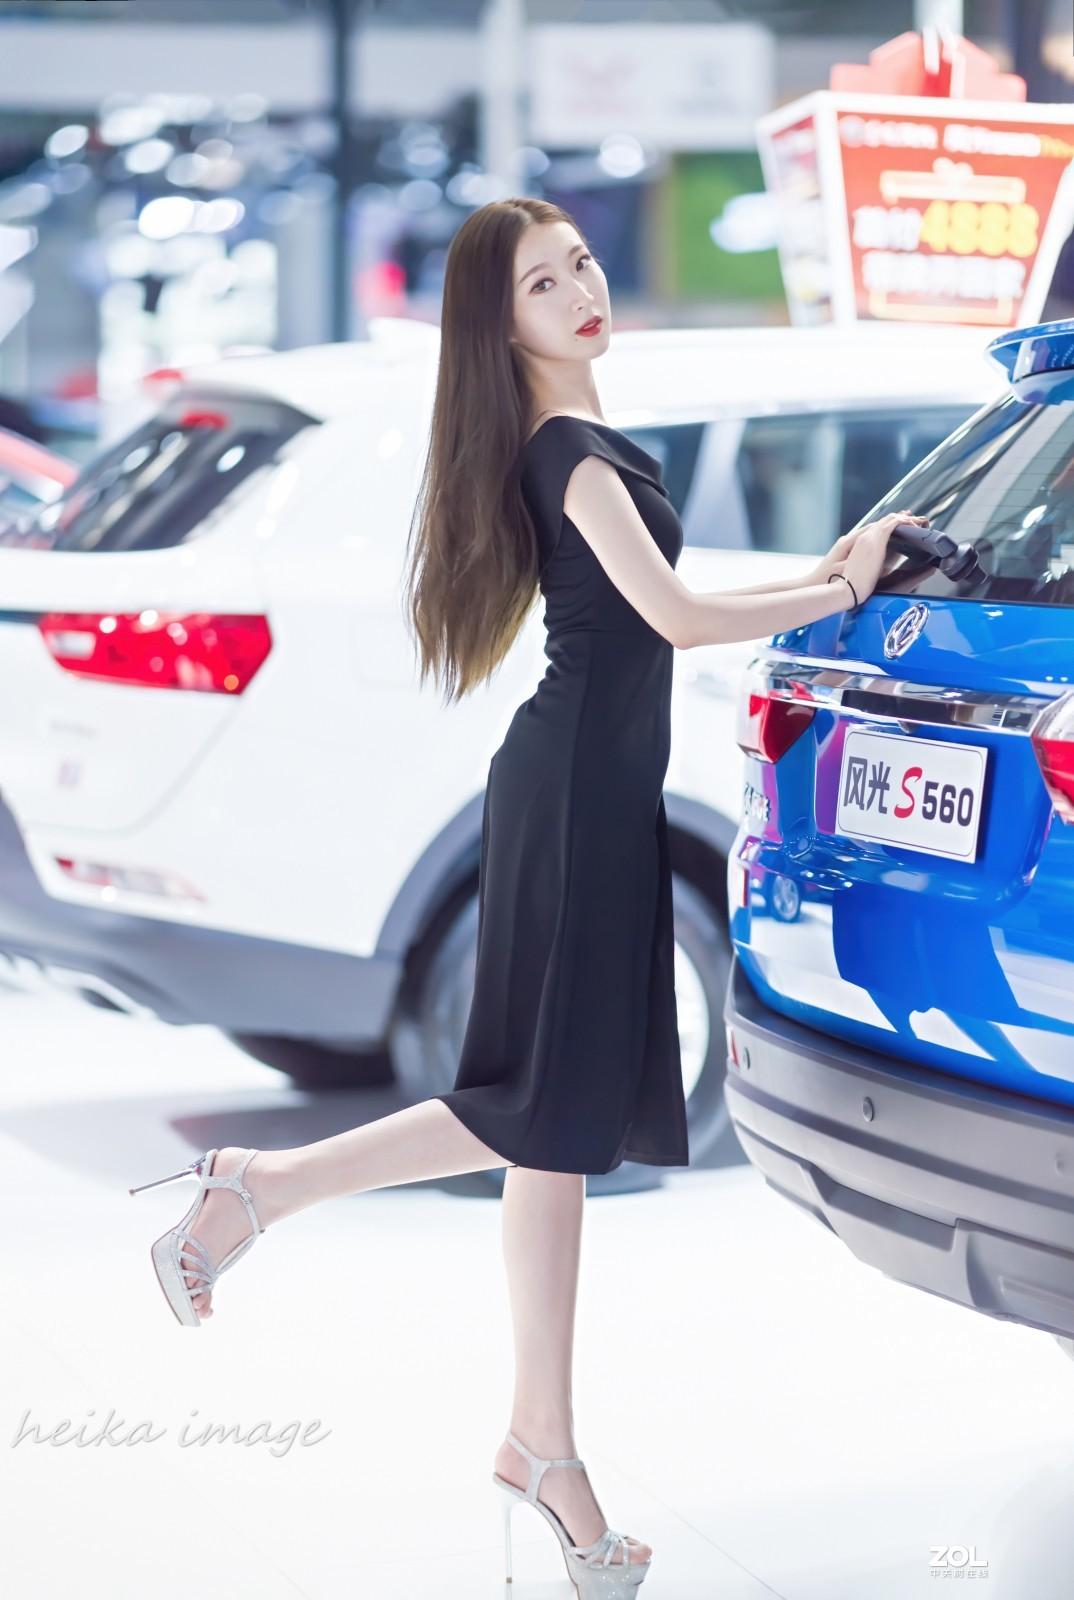 【黑卡映像】2020 长春国际车展 仙女篇